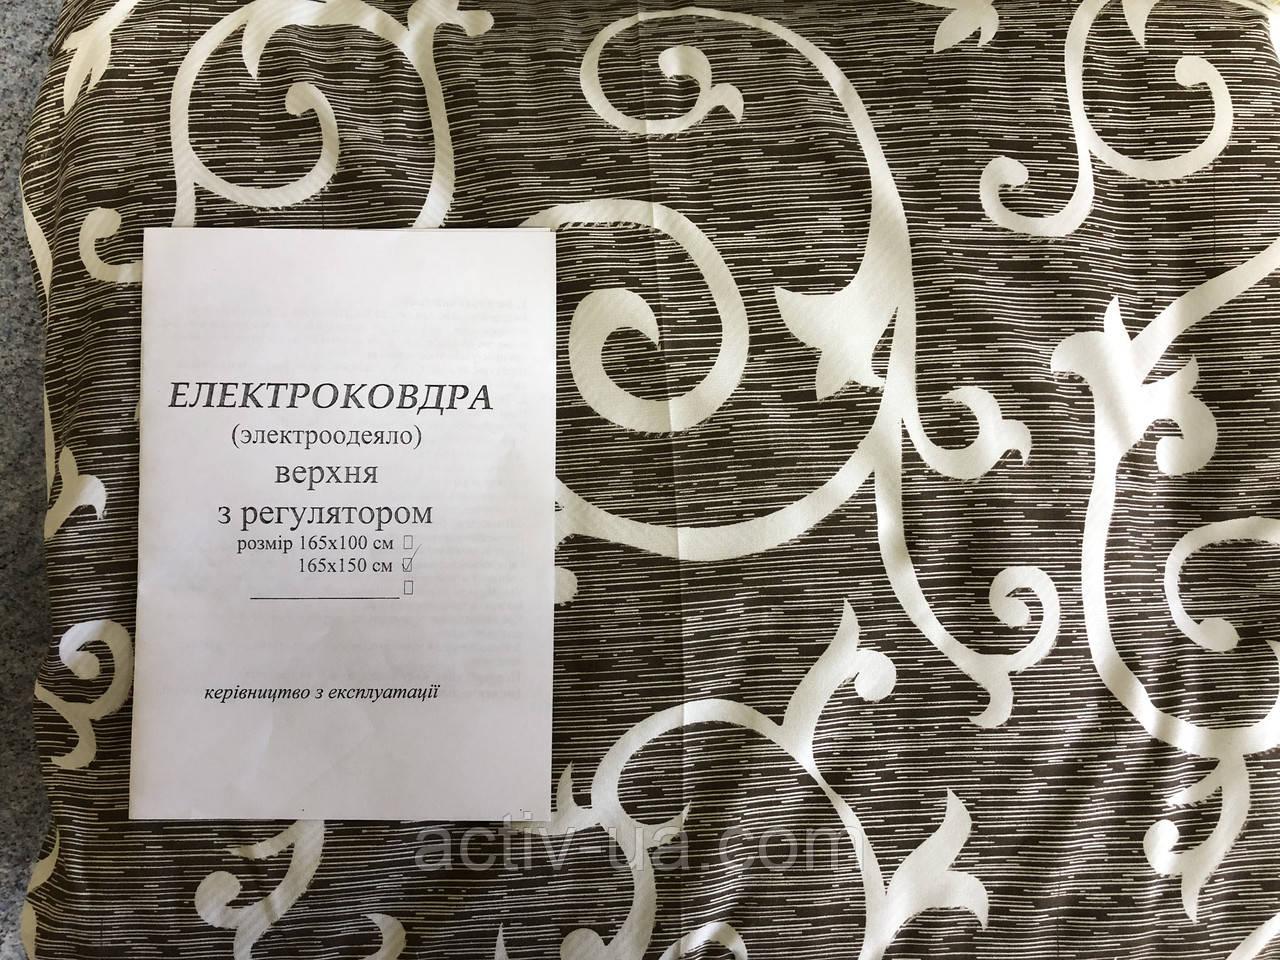 Електроковдра двоспальне Shine ЕКВ-2/220 з термостатом 165*150 див., 115 Вт. +/-15Вт., 40°С